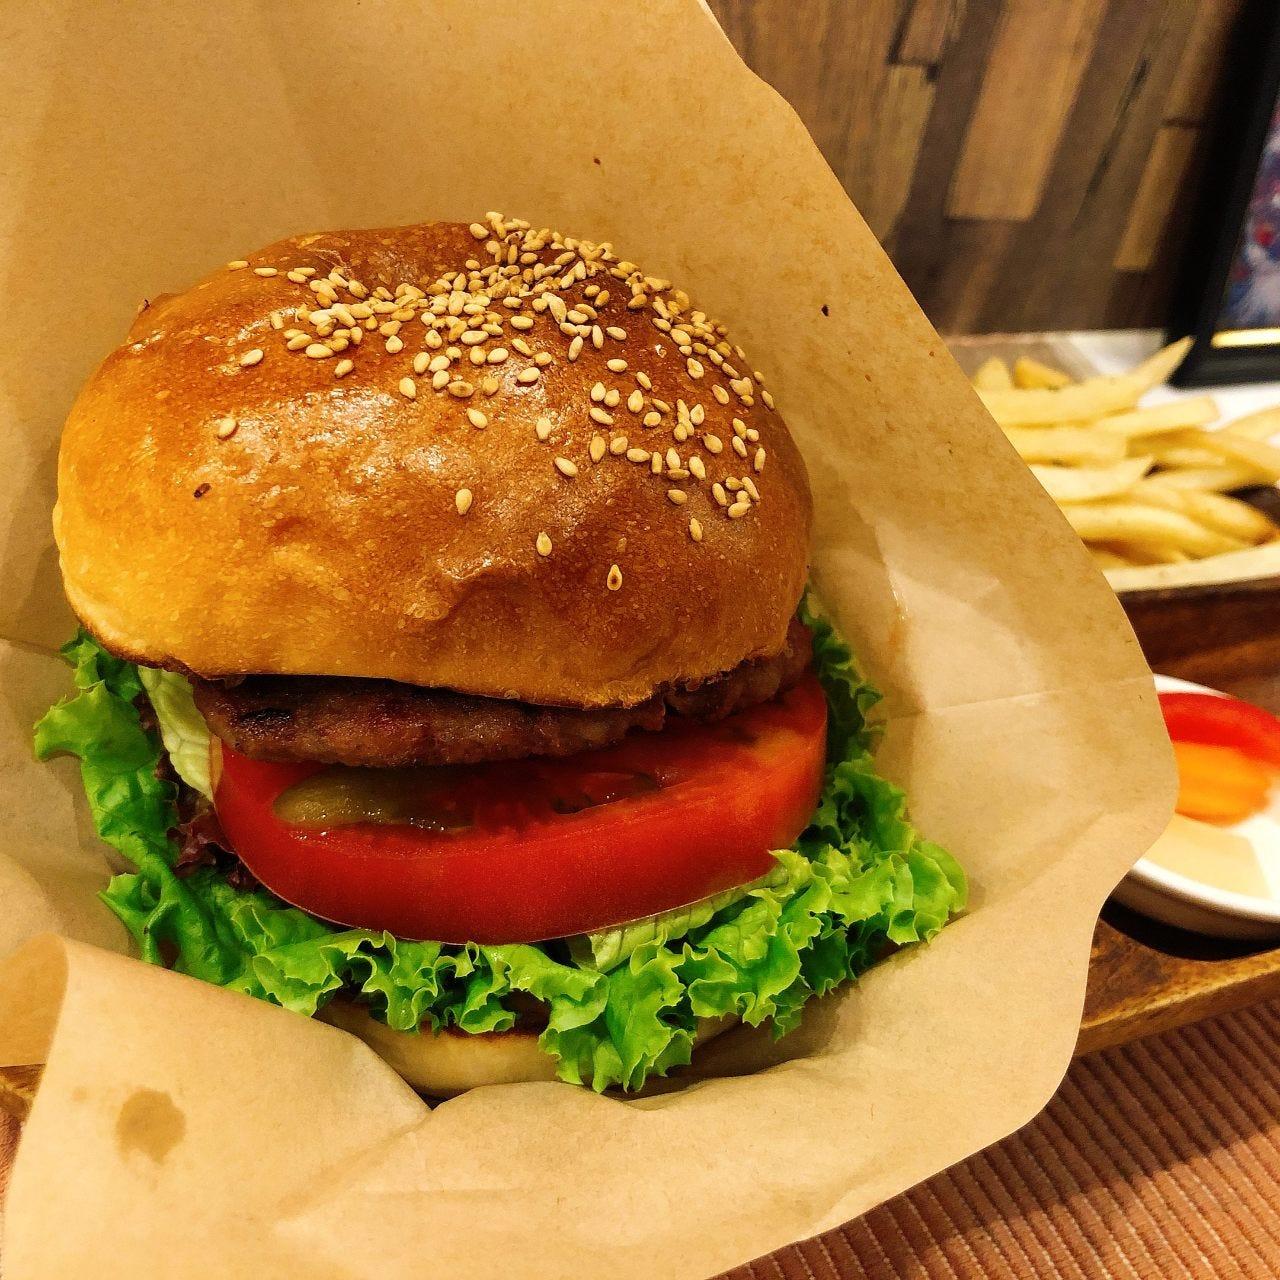 テイクアウトぐるなびネット予約♪ハンバーガー ポテト付き♪